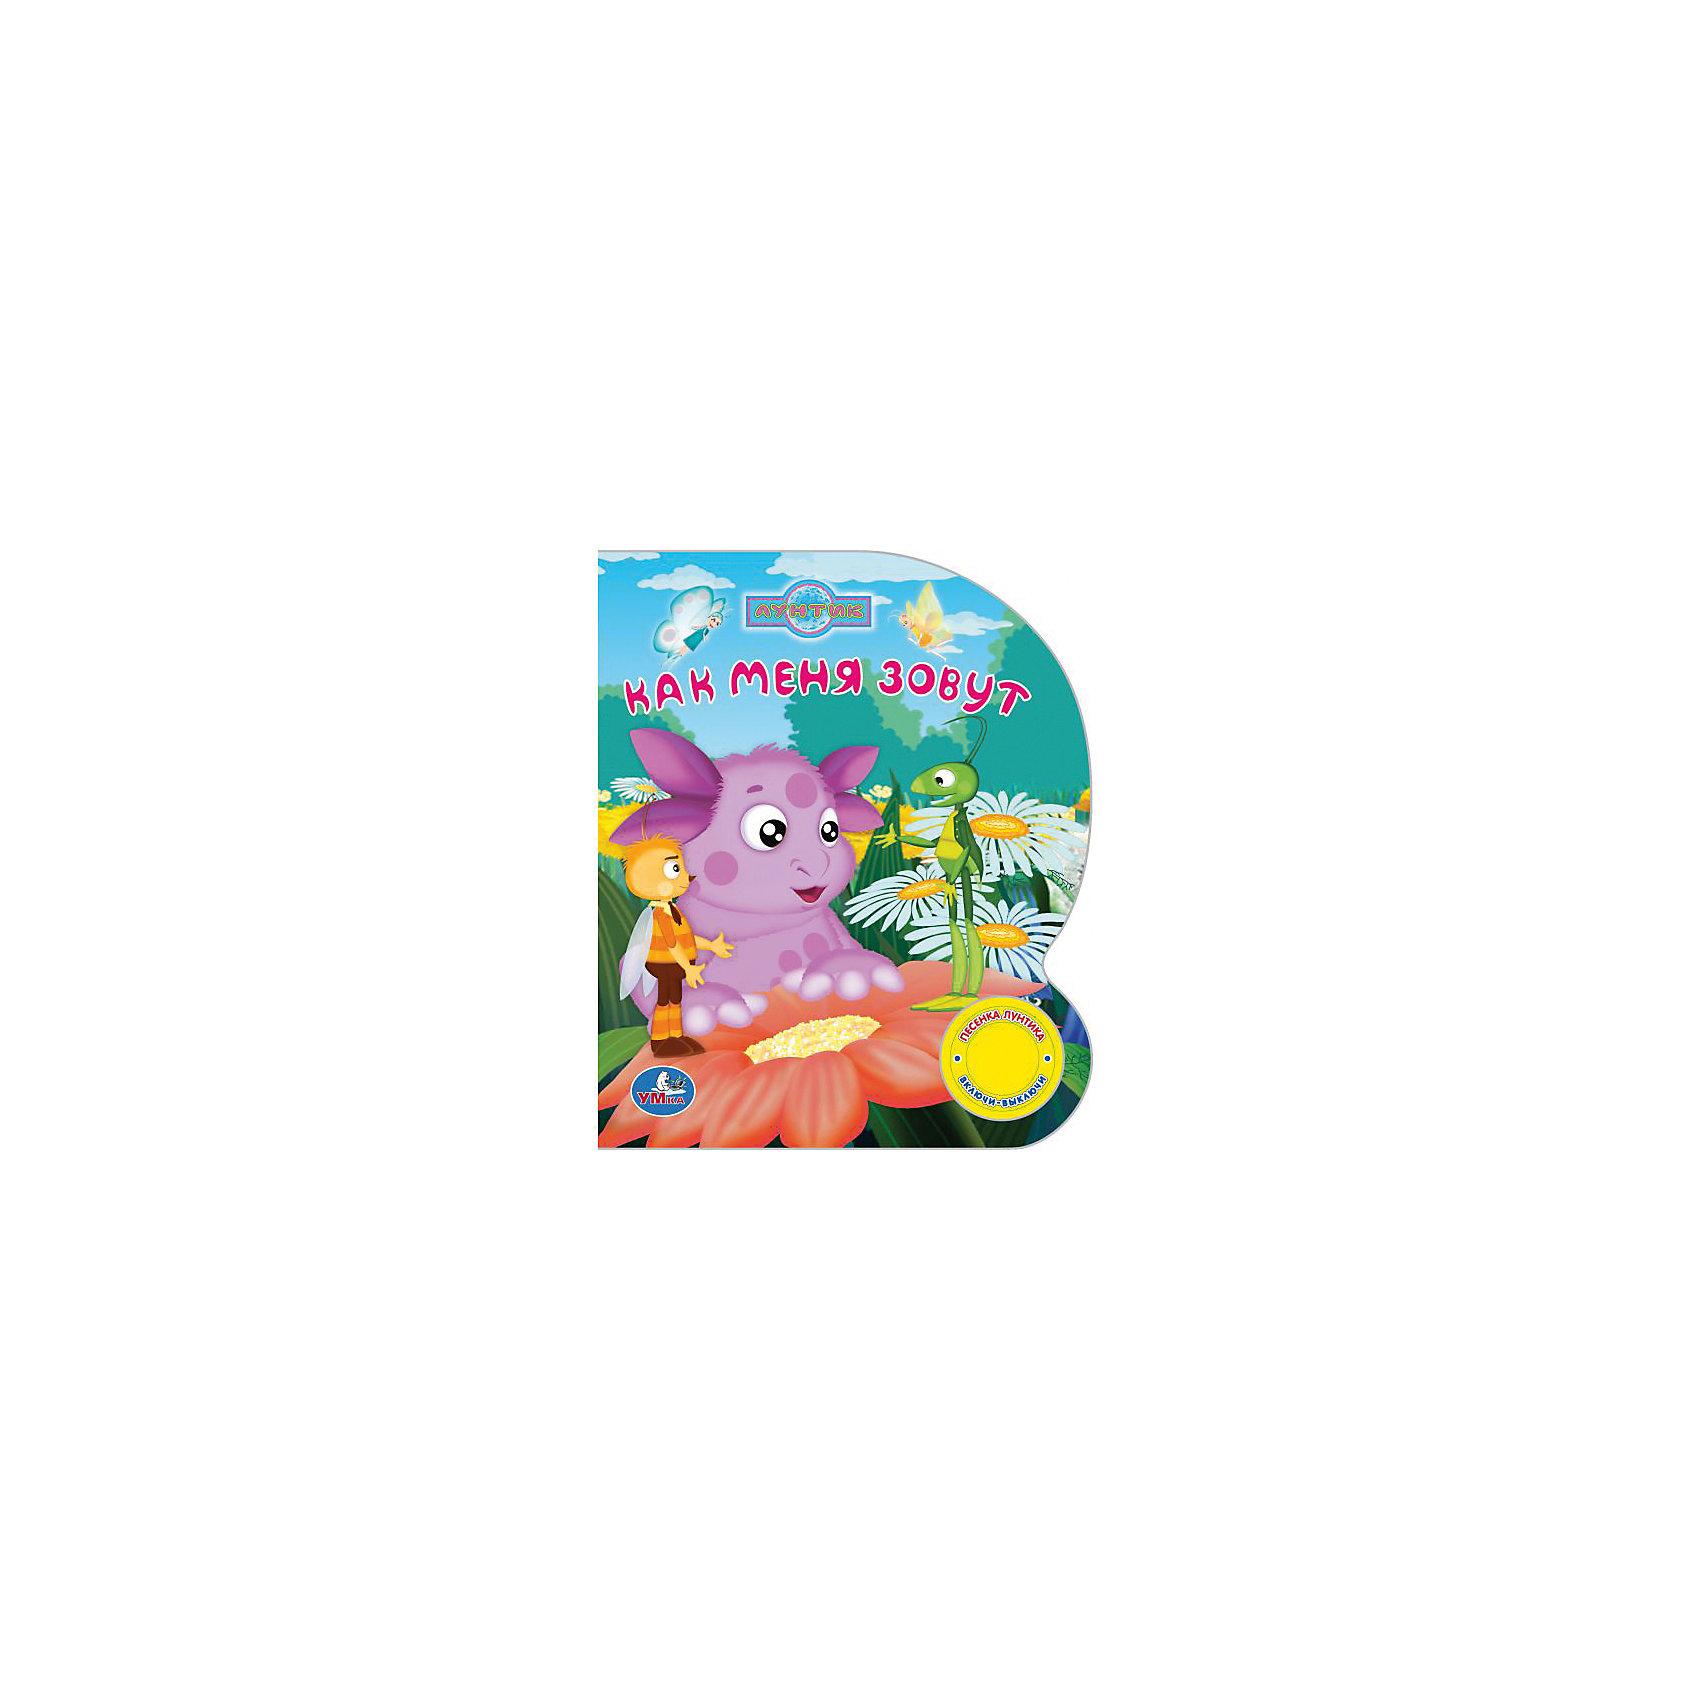 Книга с 1 кнопкой Как меня зовут, ЛунтикКнижка с любимым героем  обязательно понравится вашему ребенку. Книга дополнена яркими иллюстрациями, которые обязательно порадуют малышей и привлекут их внимание, плотные картонные страницы и крупный шрифт идеально подходят для маленьких детей. Нажав на кнопку, ребёнок услышит любимую песенку и увидит разноцветные огоньки. <br><br>Дополнительная информация:<br><br>- Формат: 15х18,5 см<br>- Переплет: картон.<br>- Количество страниц: 10.<br>- Иллюстрации: цветные.<br>- Элемент питания: демонстрационные батарейки в комплекте.<br> <br>Книгу с 1 кнопкой Как меня зовут, Лунтик, можно купить в нашем магазине.<br><br>Ширина мм: 150<br>Глубина мм: 190<br>Высота мм: 30<br>Вес г: 200<br>Возраст от месяцев: 12<br>Возраст до месяцев: 60<br>Пол: Унисекс<br>Возраст: Детский<br>SKU: 4053292